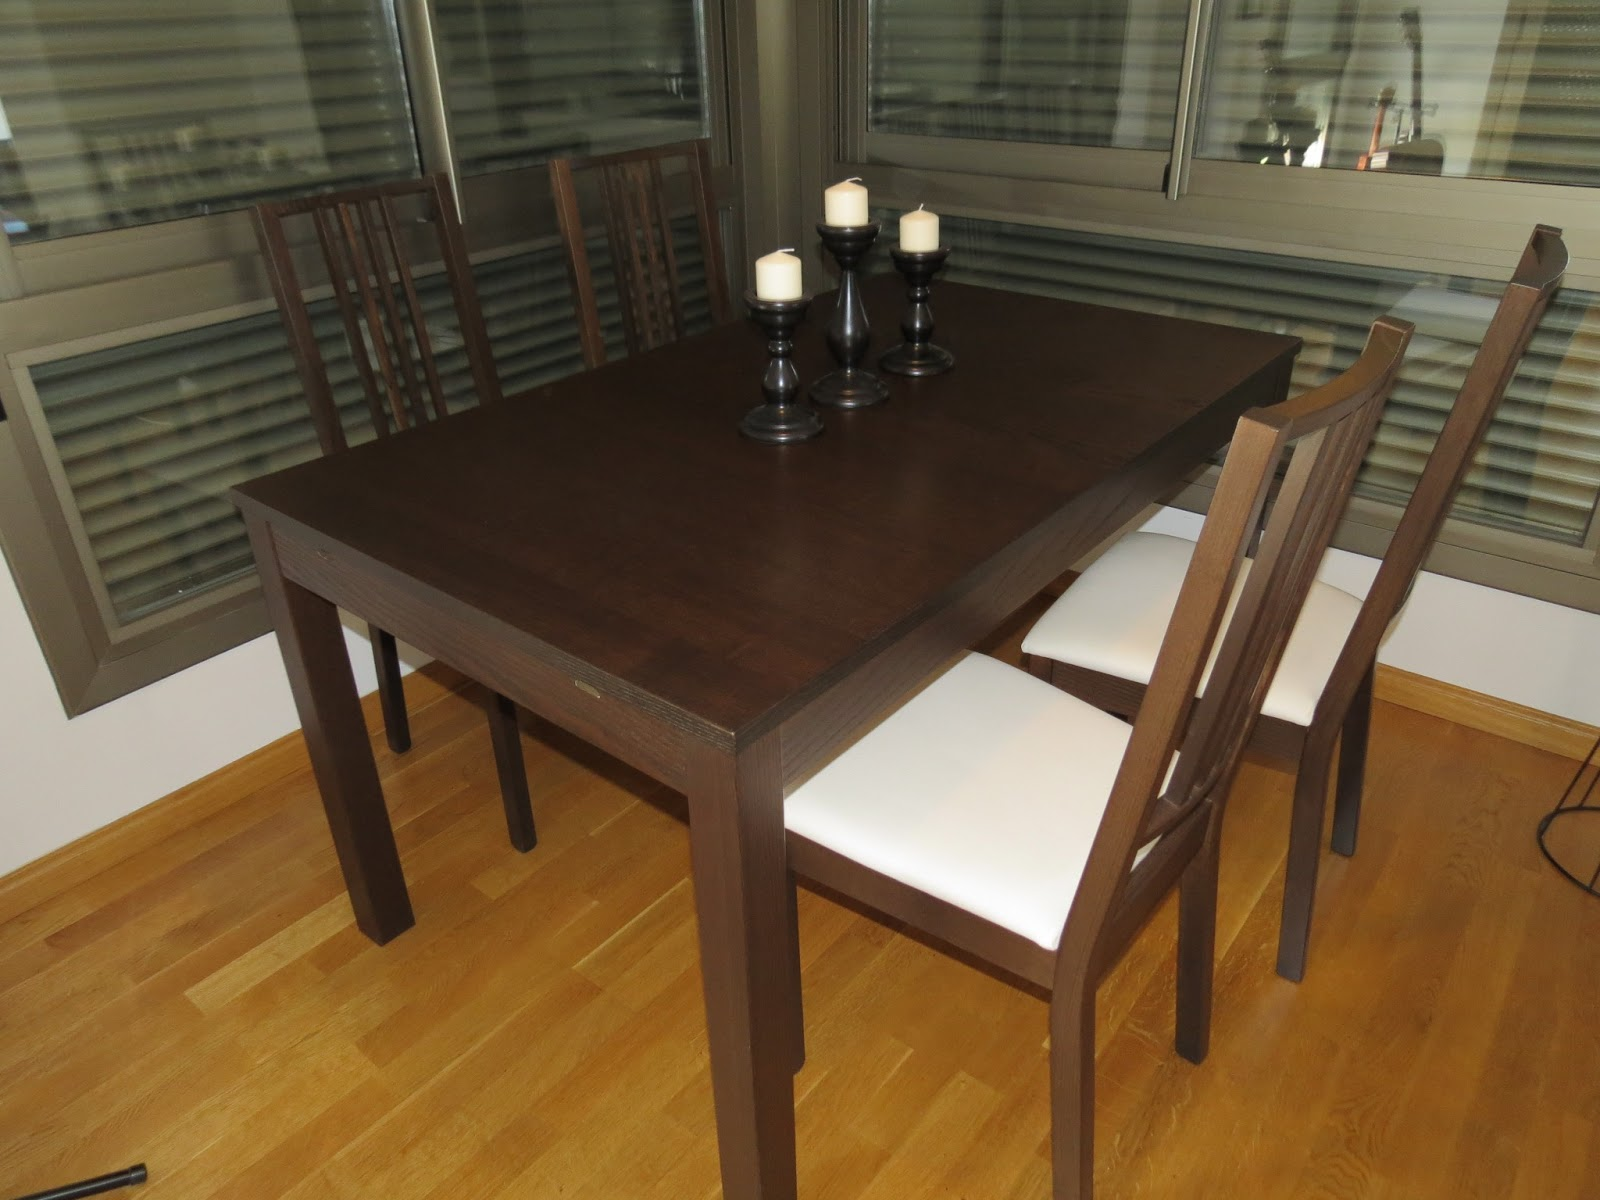 Vendemos nuestras cosas vendida mesa ikea bjursta - Mesa bjursta ikea ...